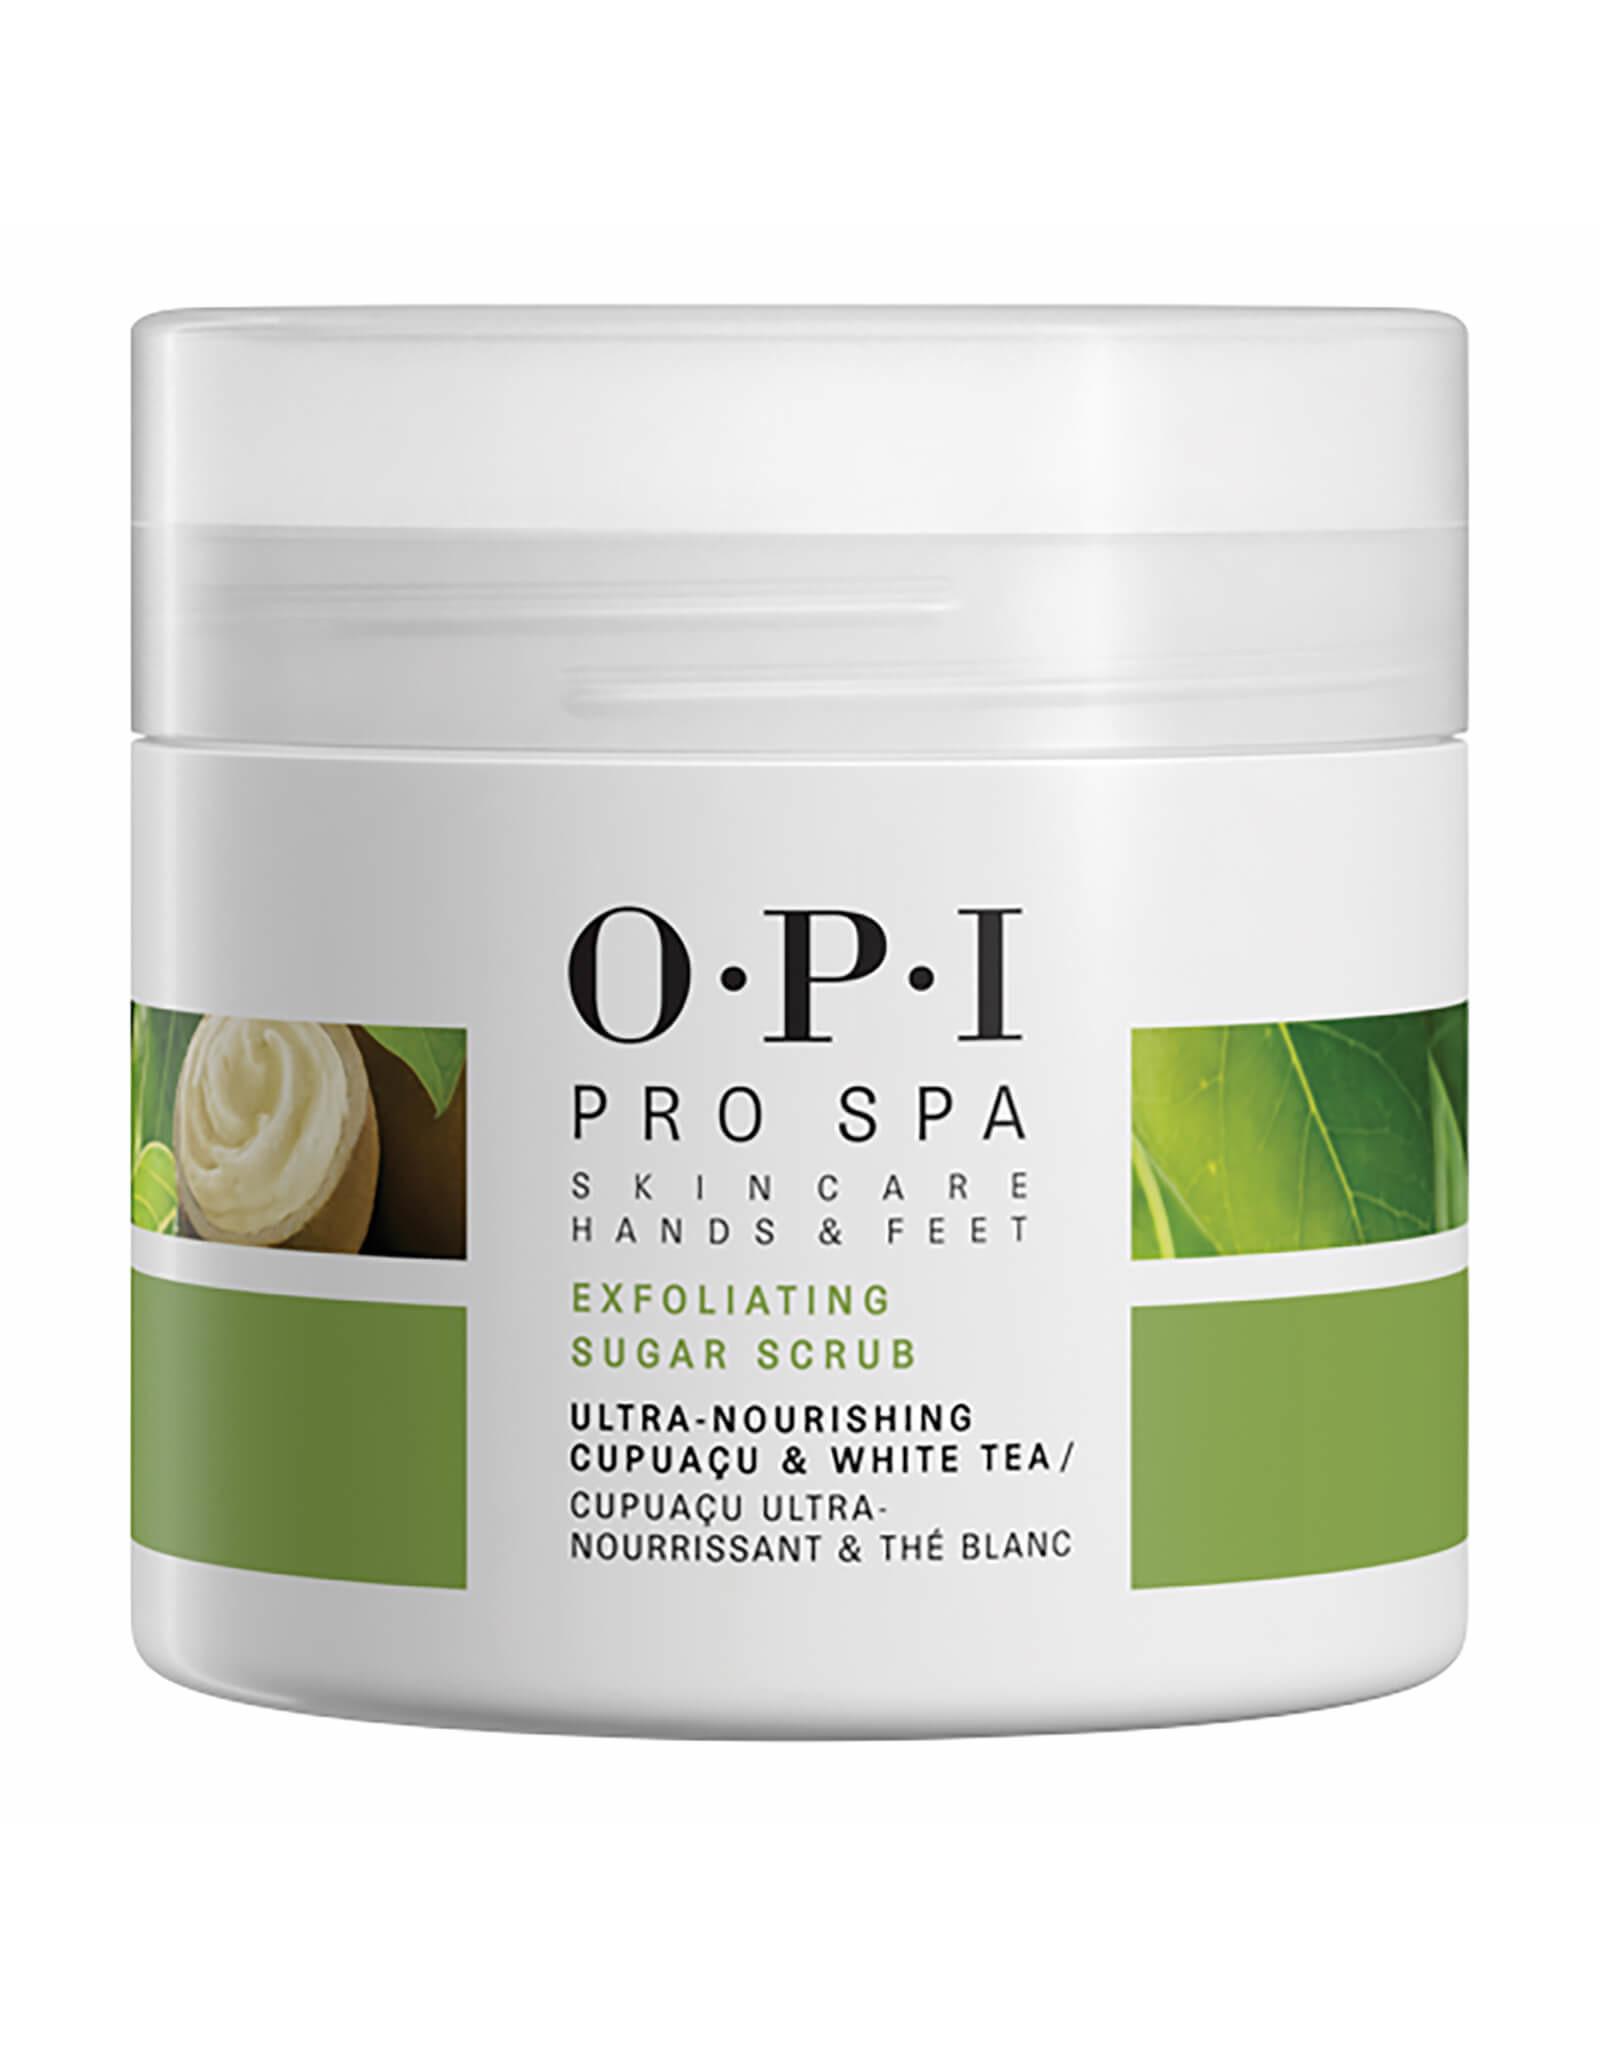 OPI Exfoliating Sugar Scrub, 136g